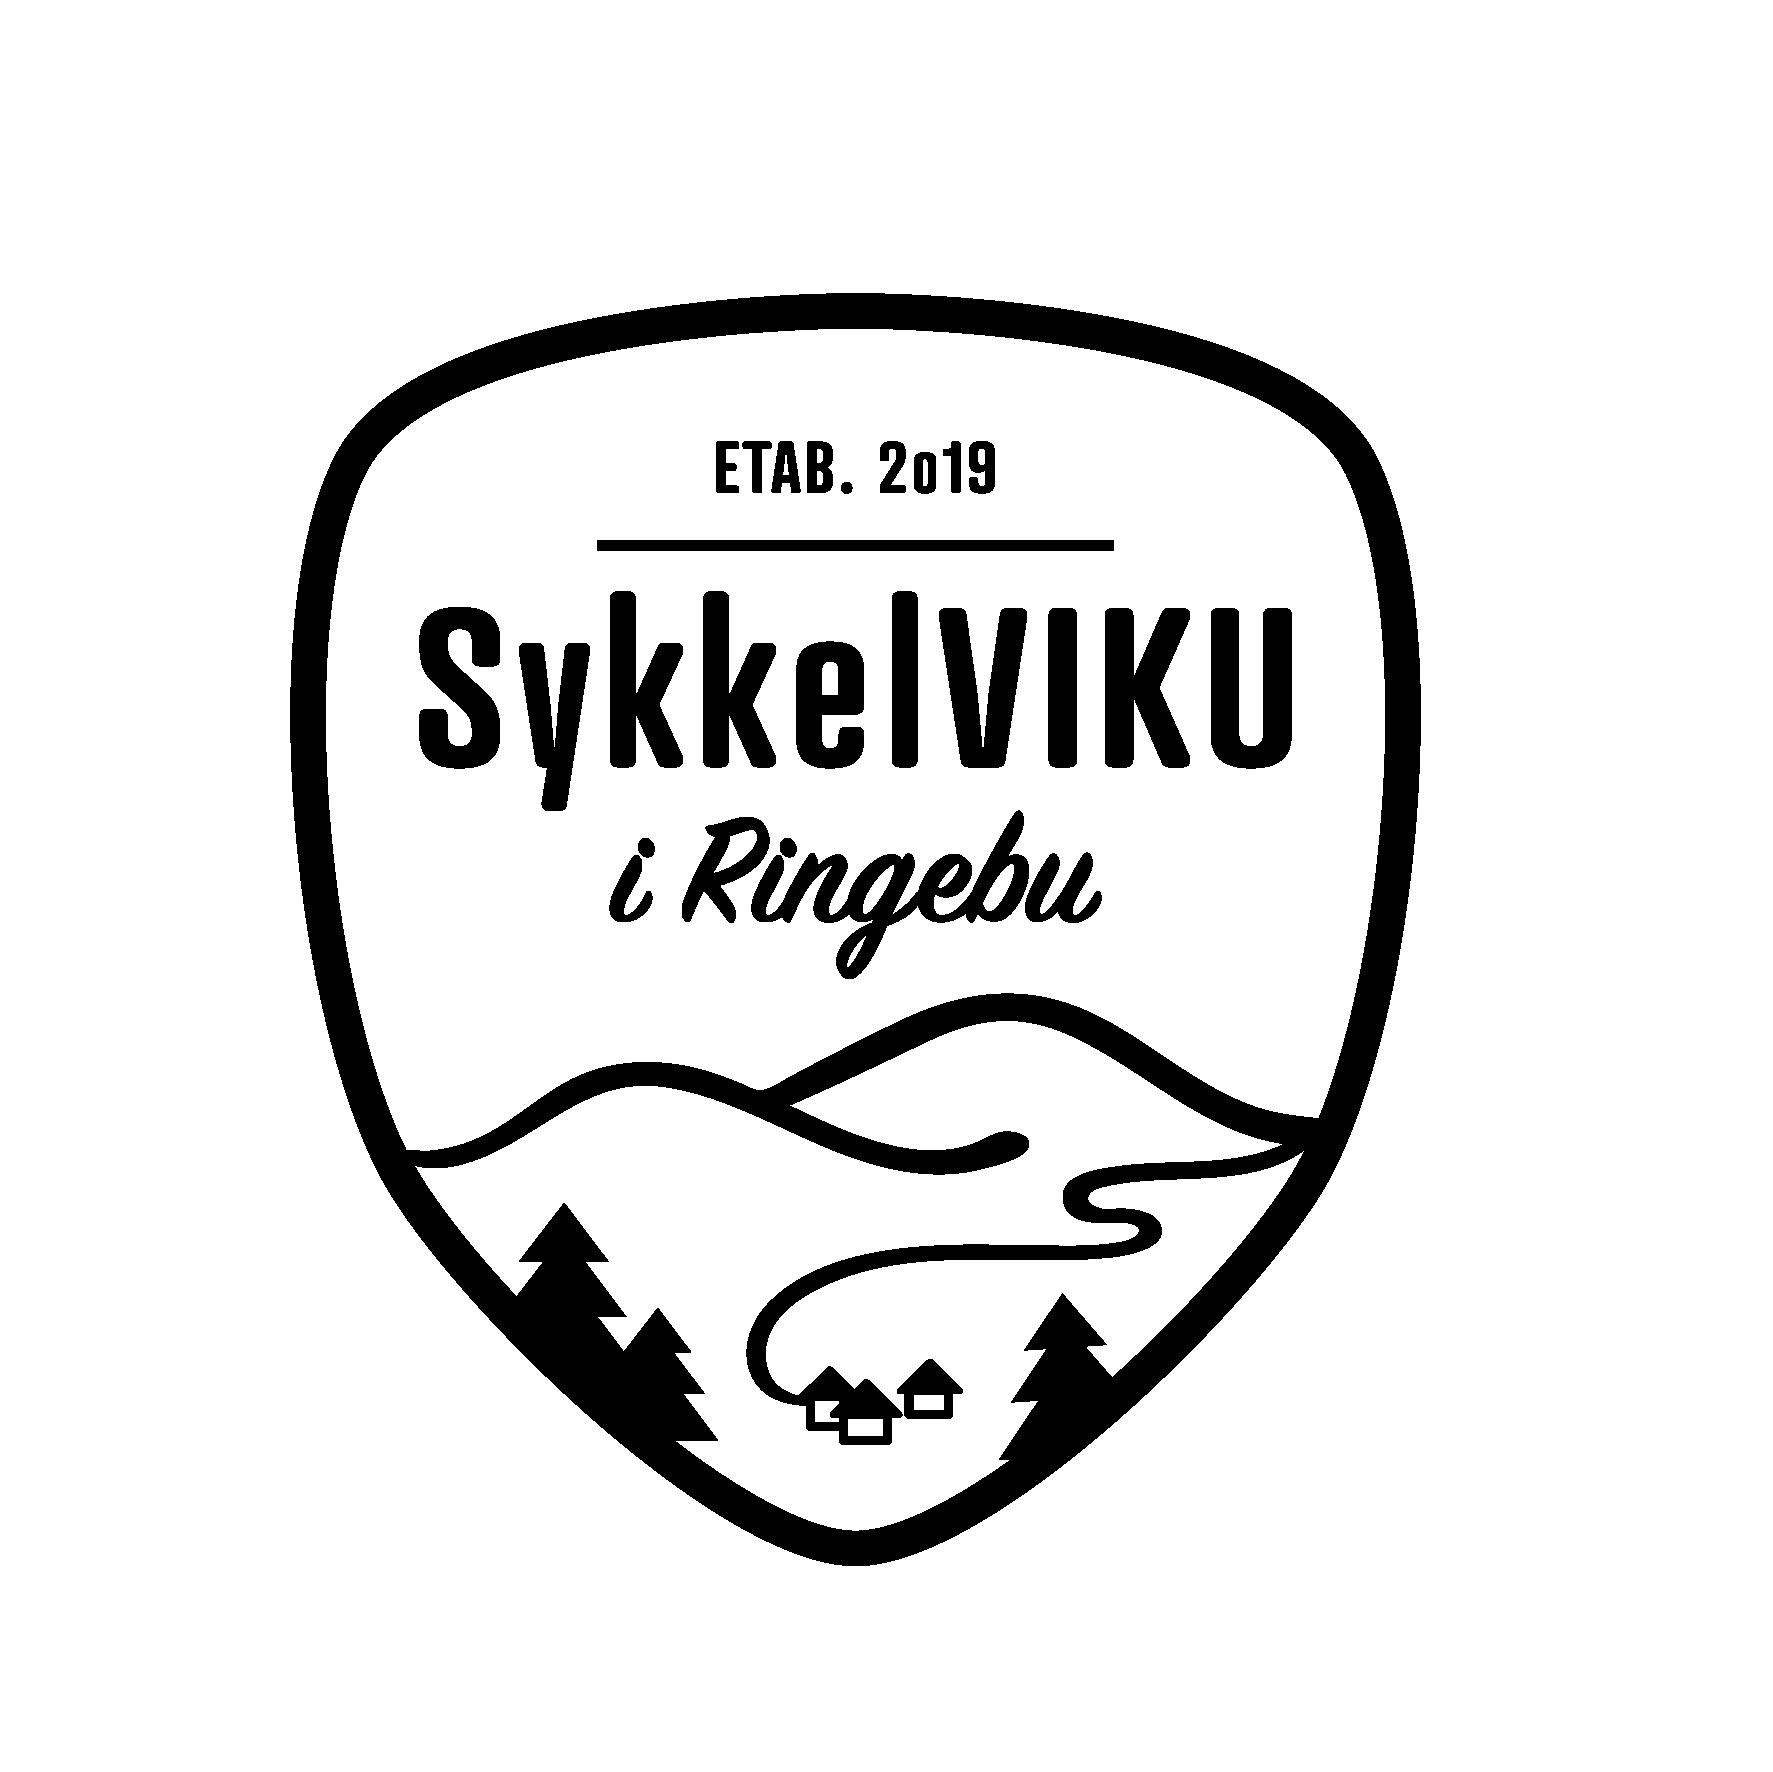 Sykkelviku i Ringebu